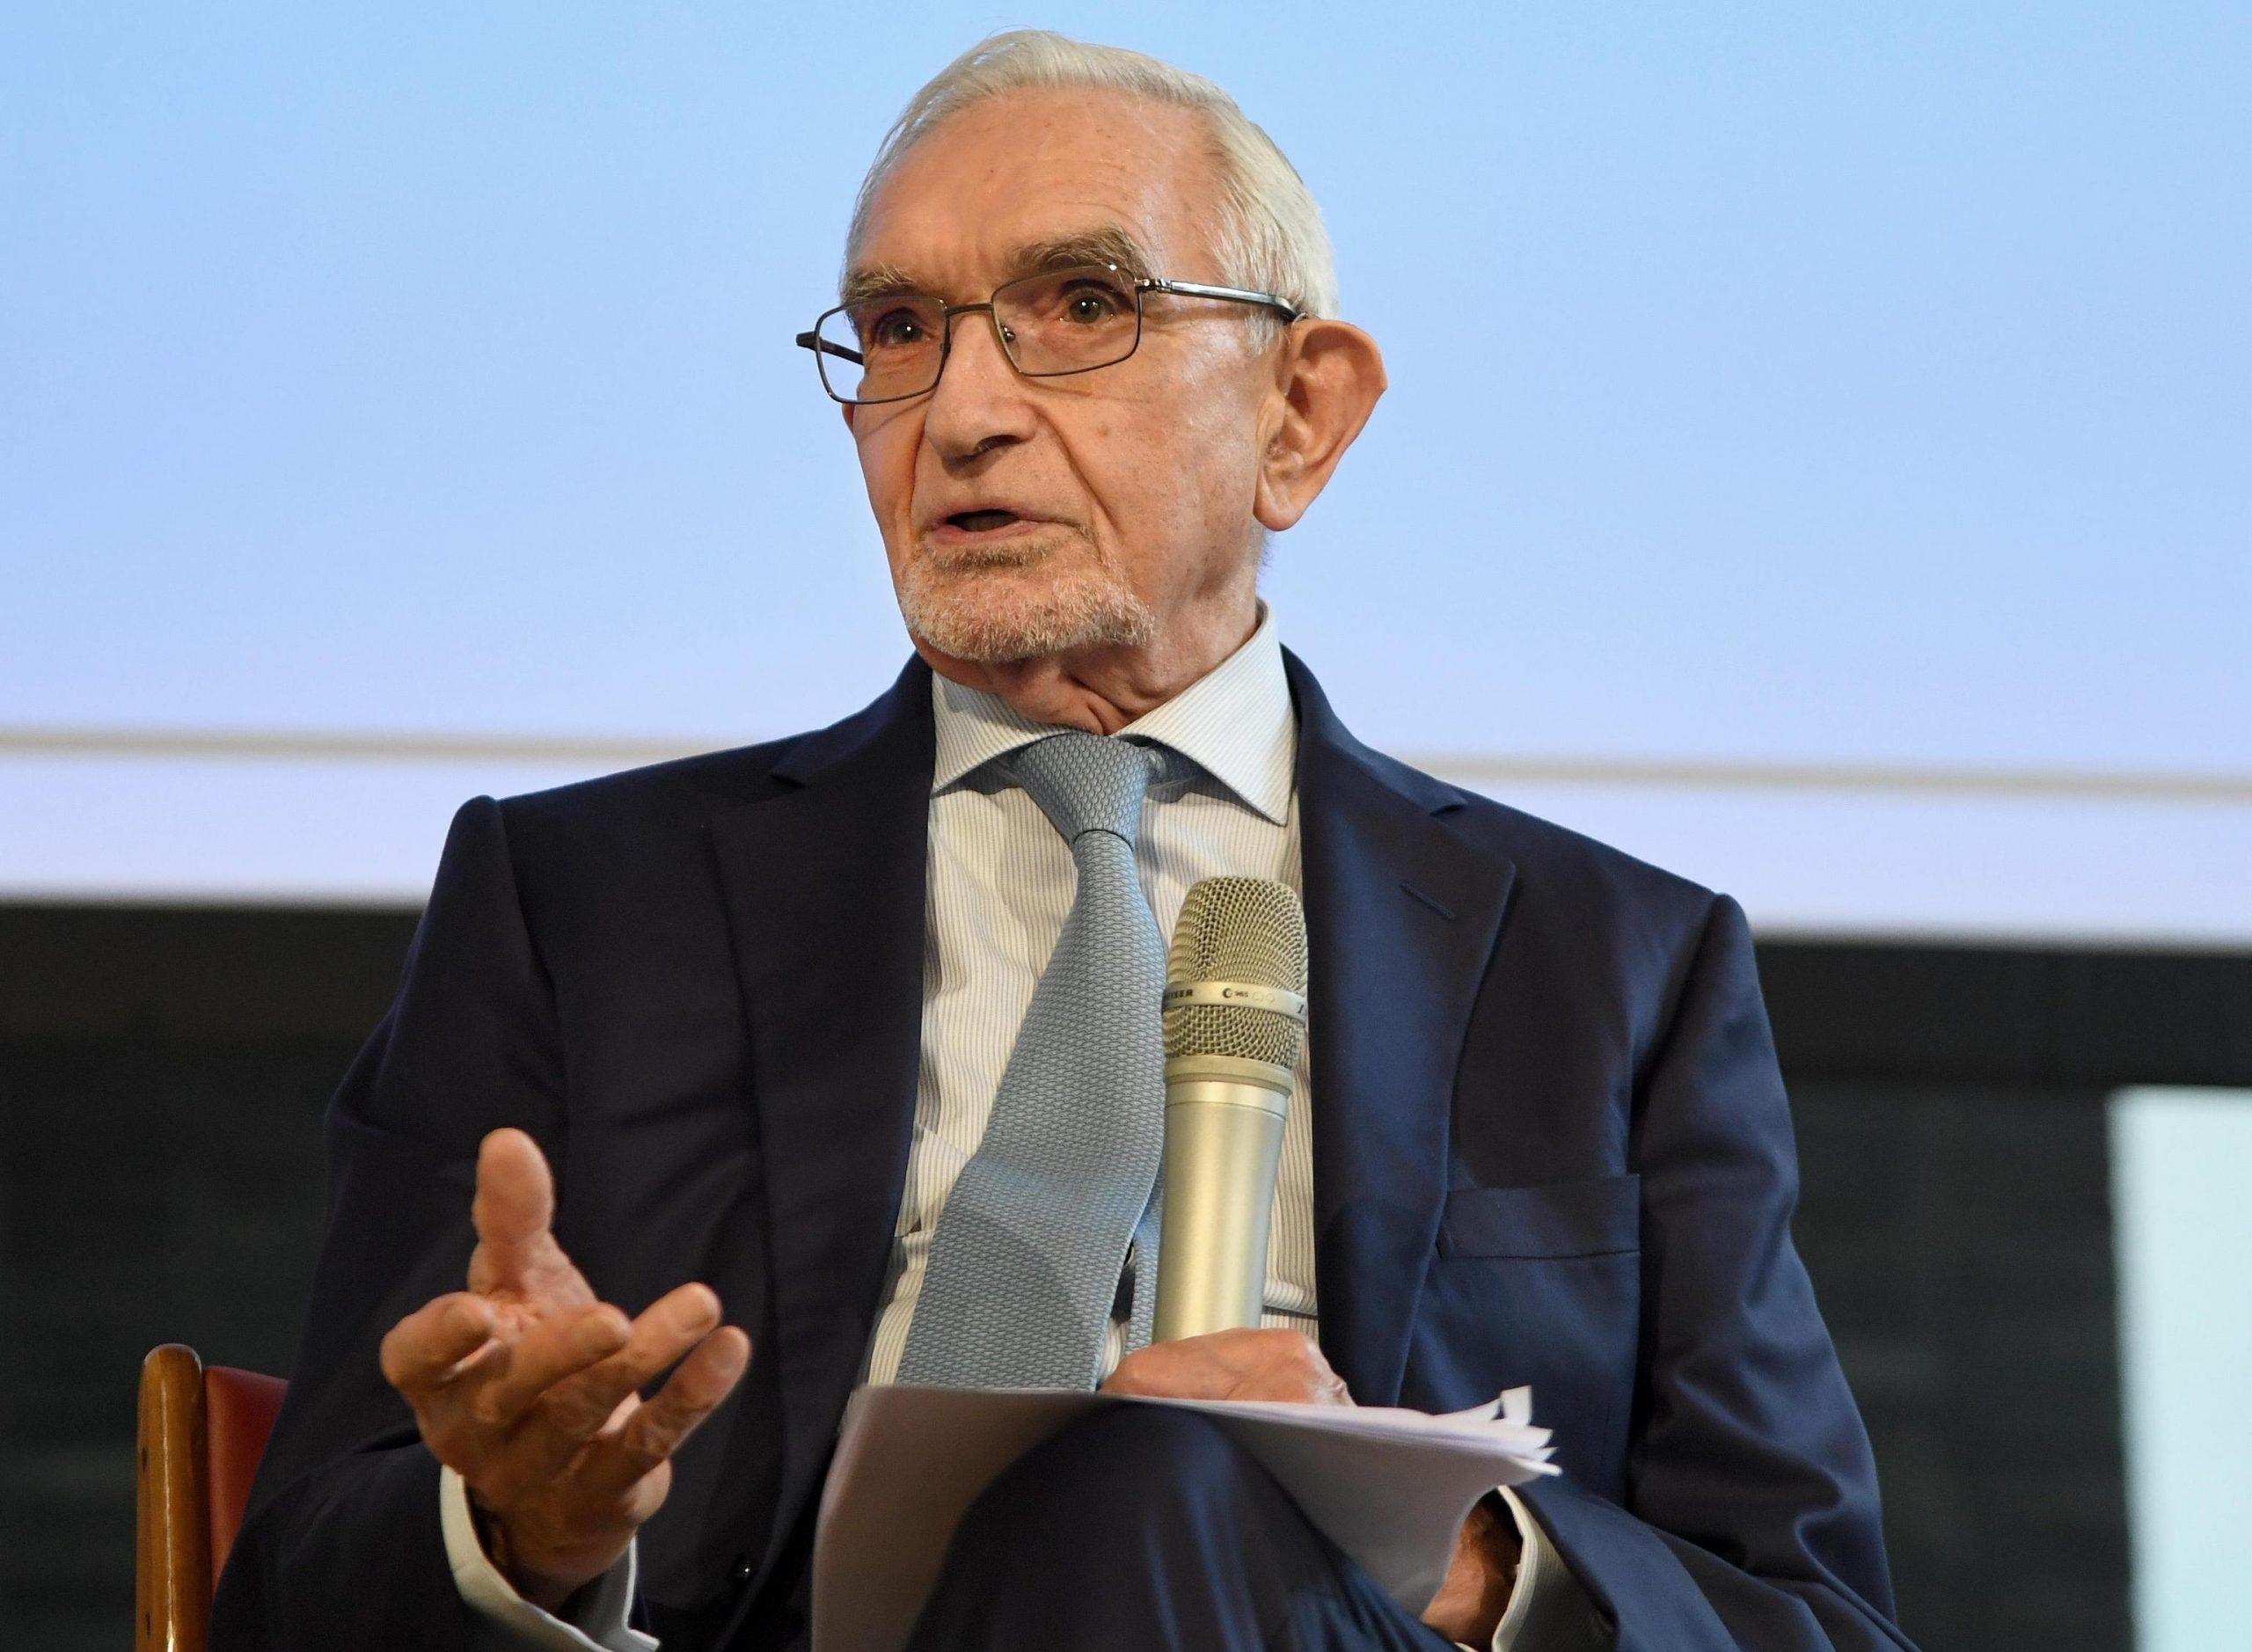 Il presidente della Fondazione Cariplo Giuseppe Guzzetti